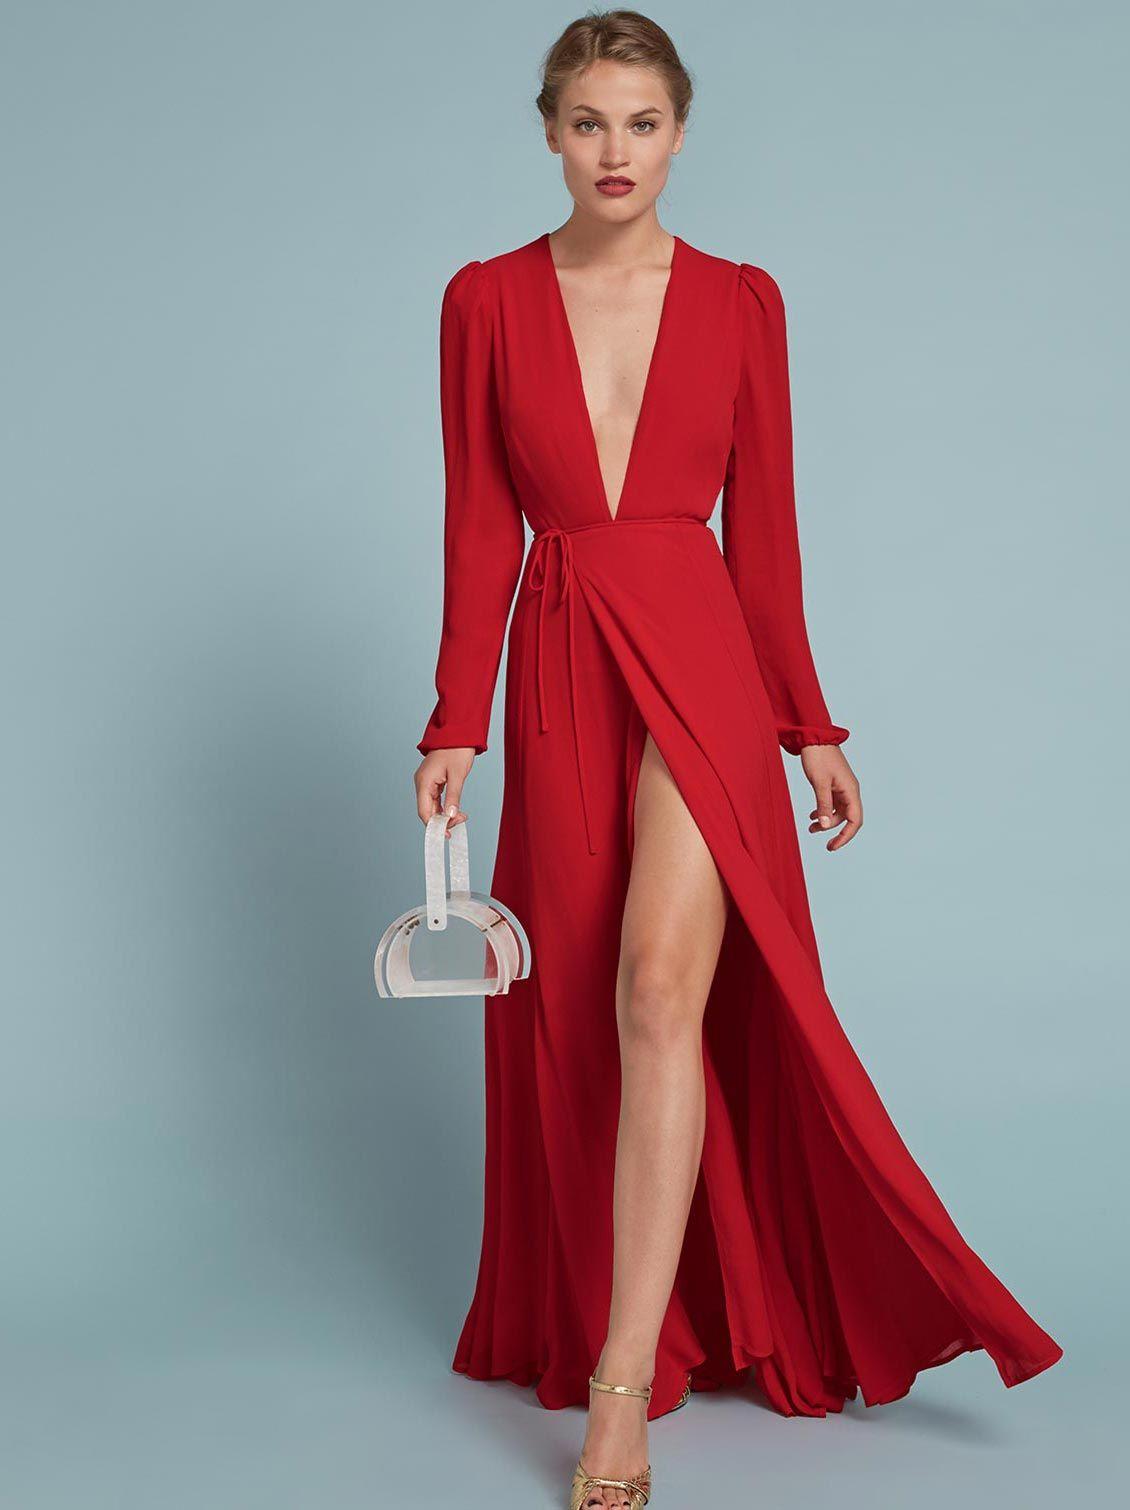 Poppy Dress | Vestiditos, Vestidos boda y Vestido elegante